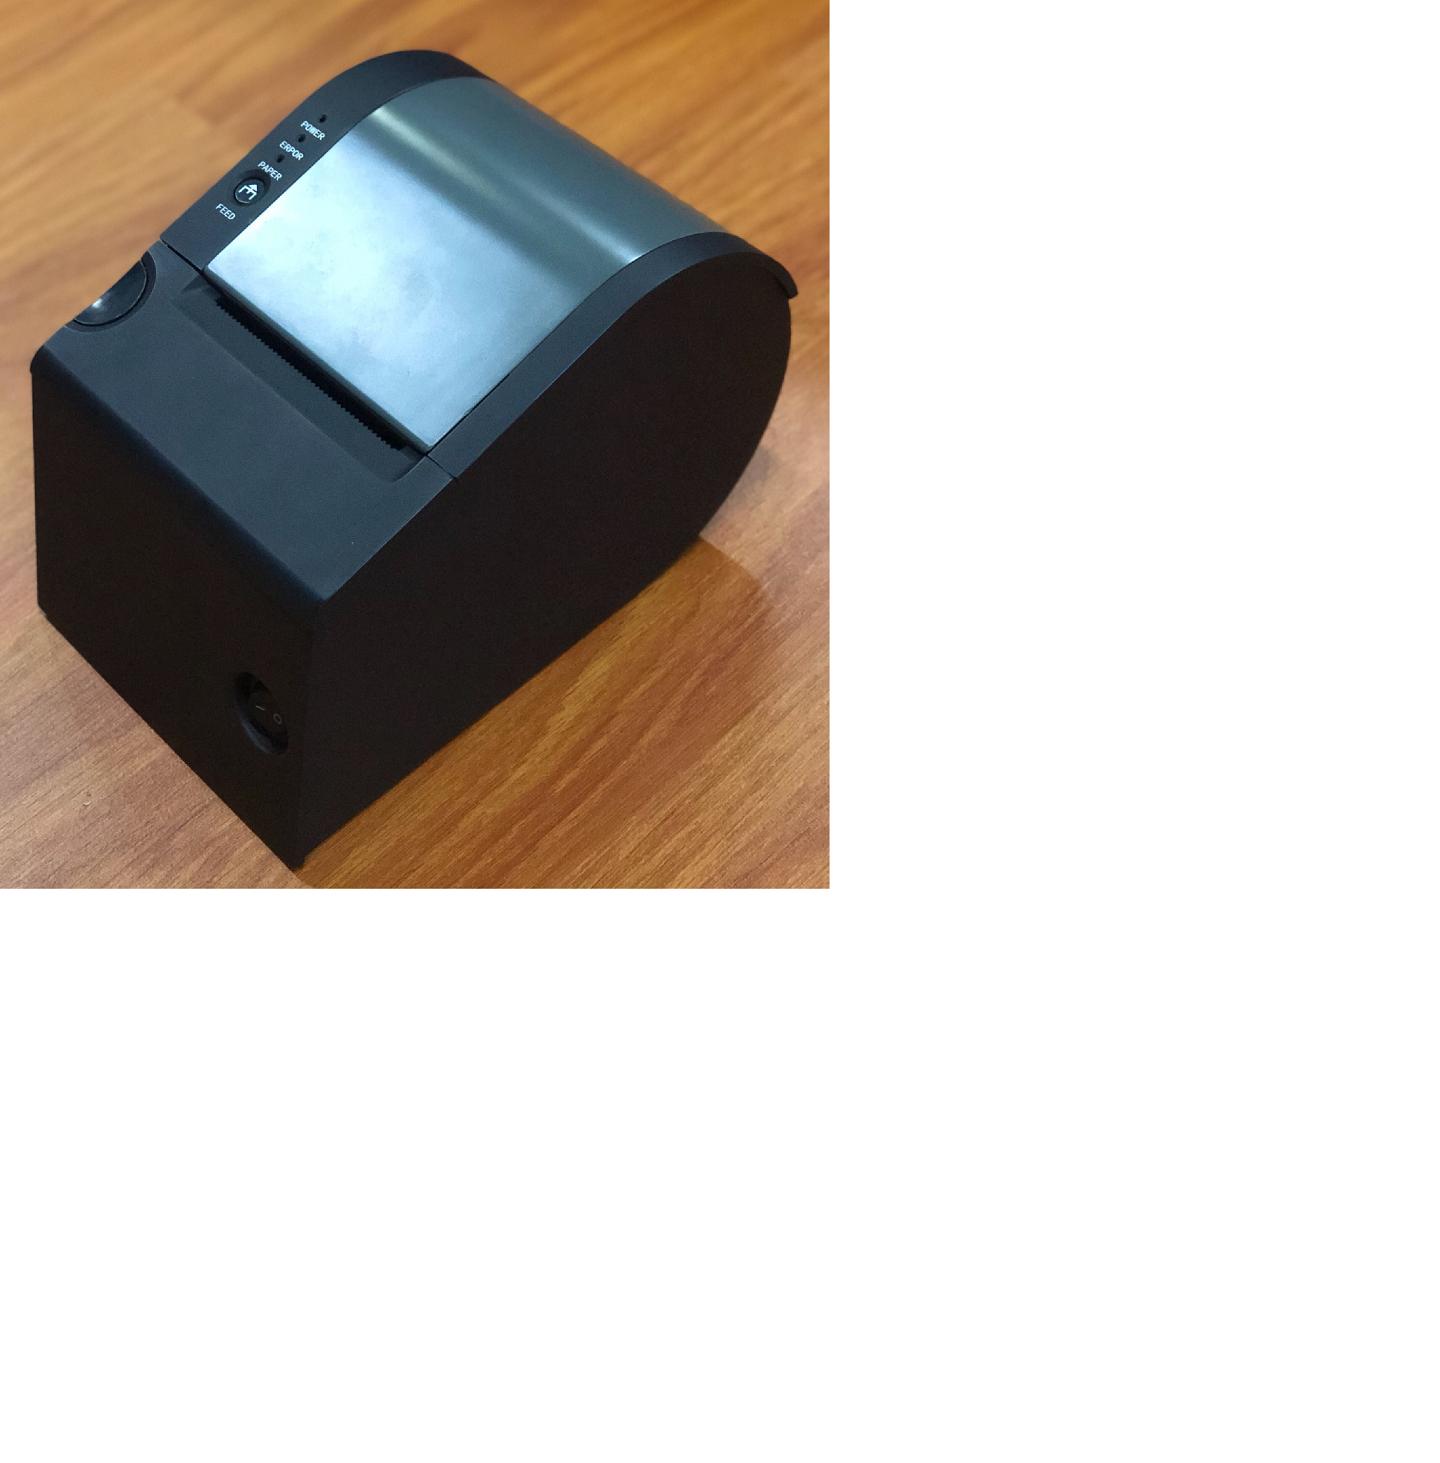 Posouda 80mm Pos Receipt Thermal Printer P10 Larger Image